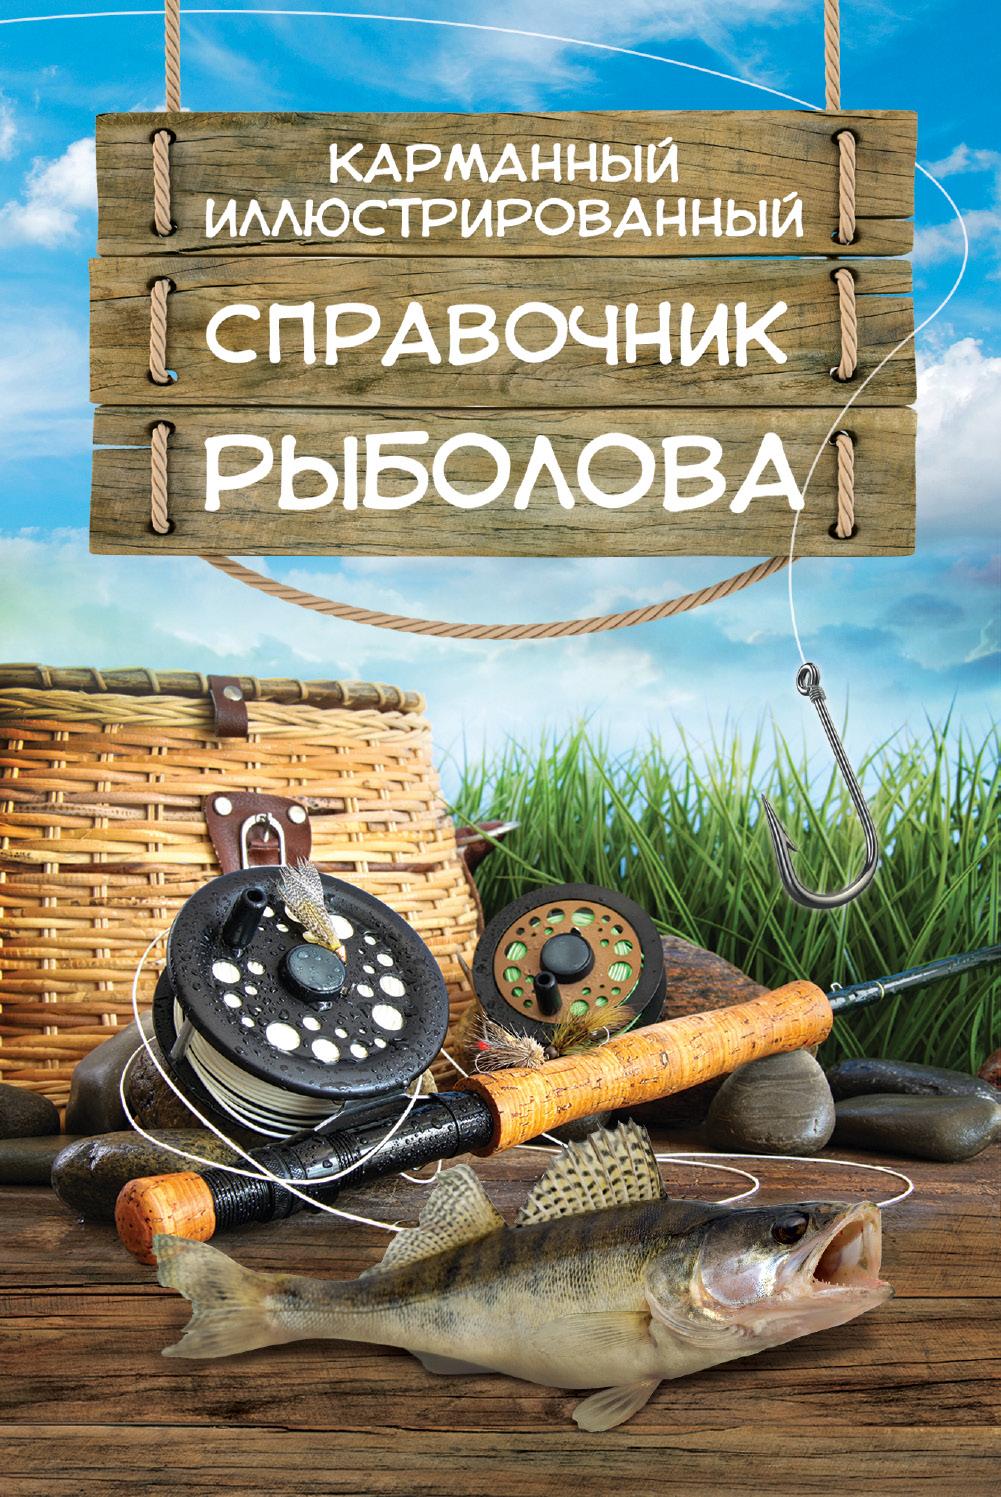 Карманный иллюстрированный справочник рыболова ( Мельников И.В., Сидоров С.А.  )